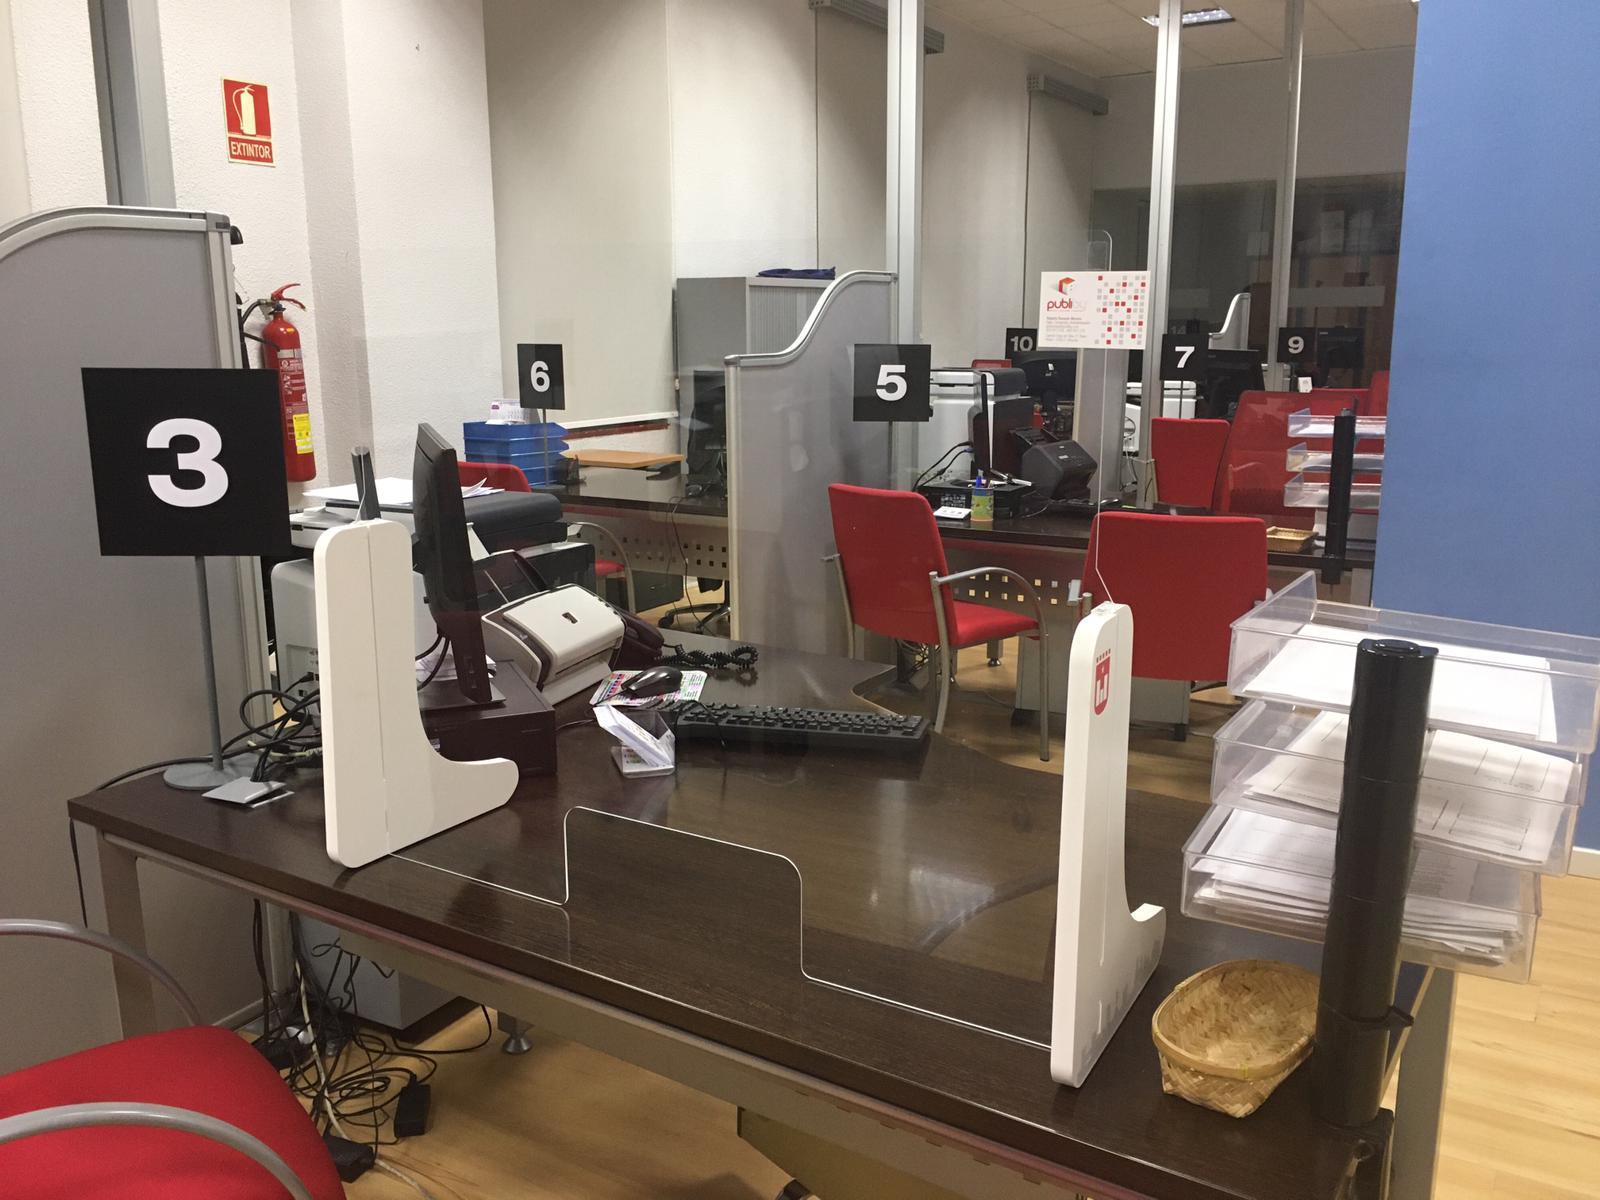 El Ayuntamiento de Elda adquiere 243 mamparas de protección para preparar la vuelta al trabajo presencial de los empleados municipales